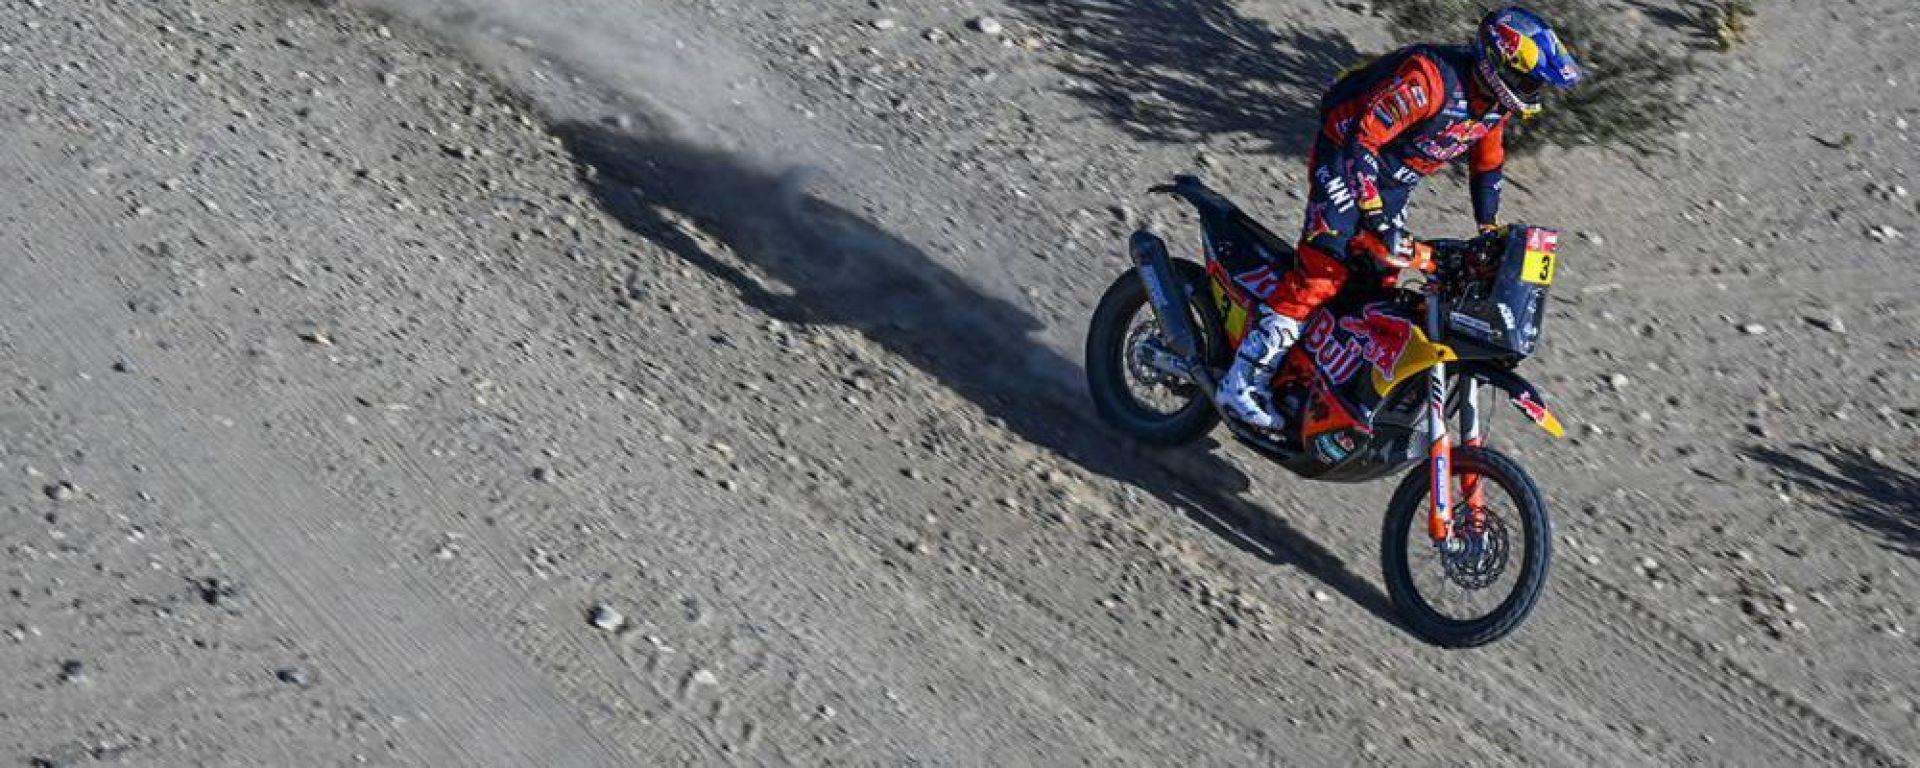 Dakar Moto 2021: Toby Price (KTM)